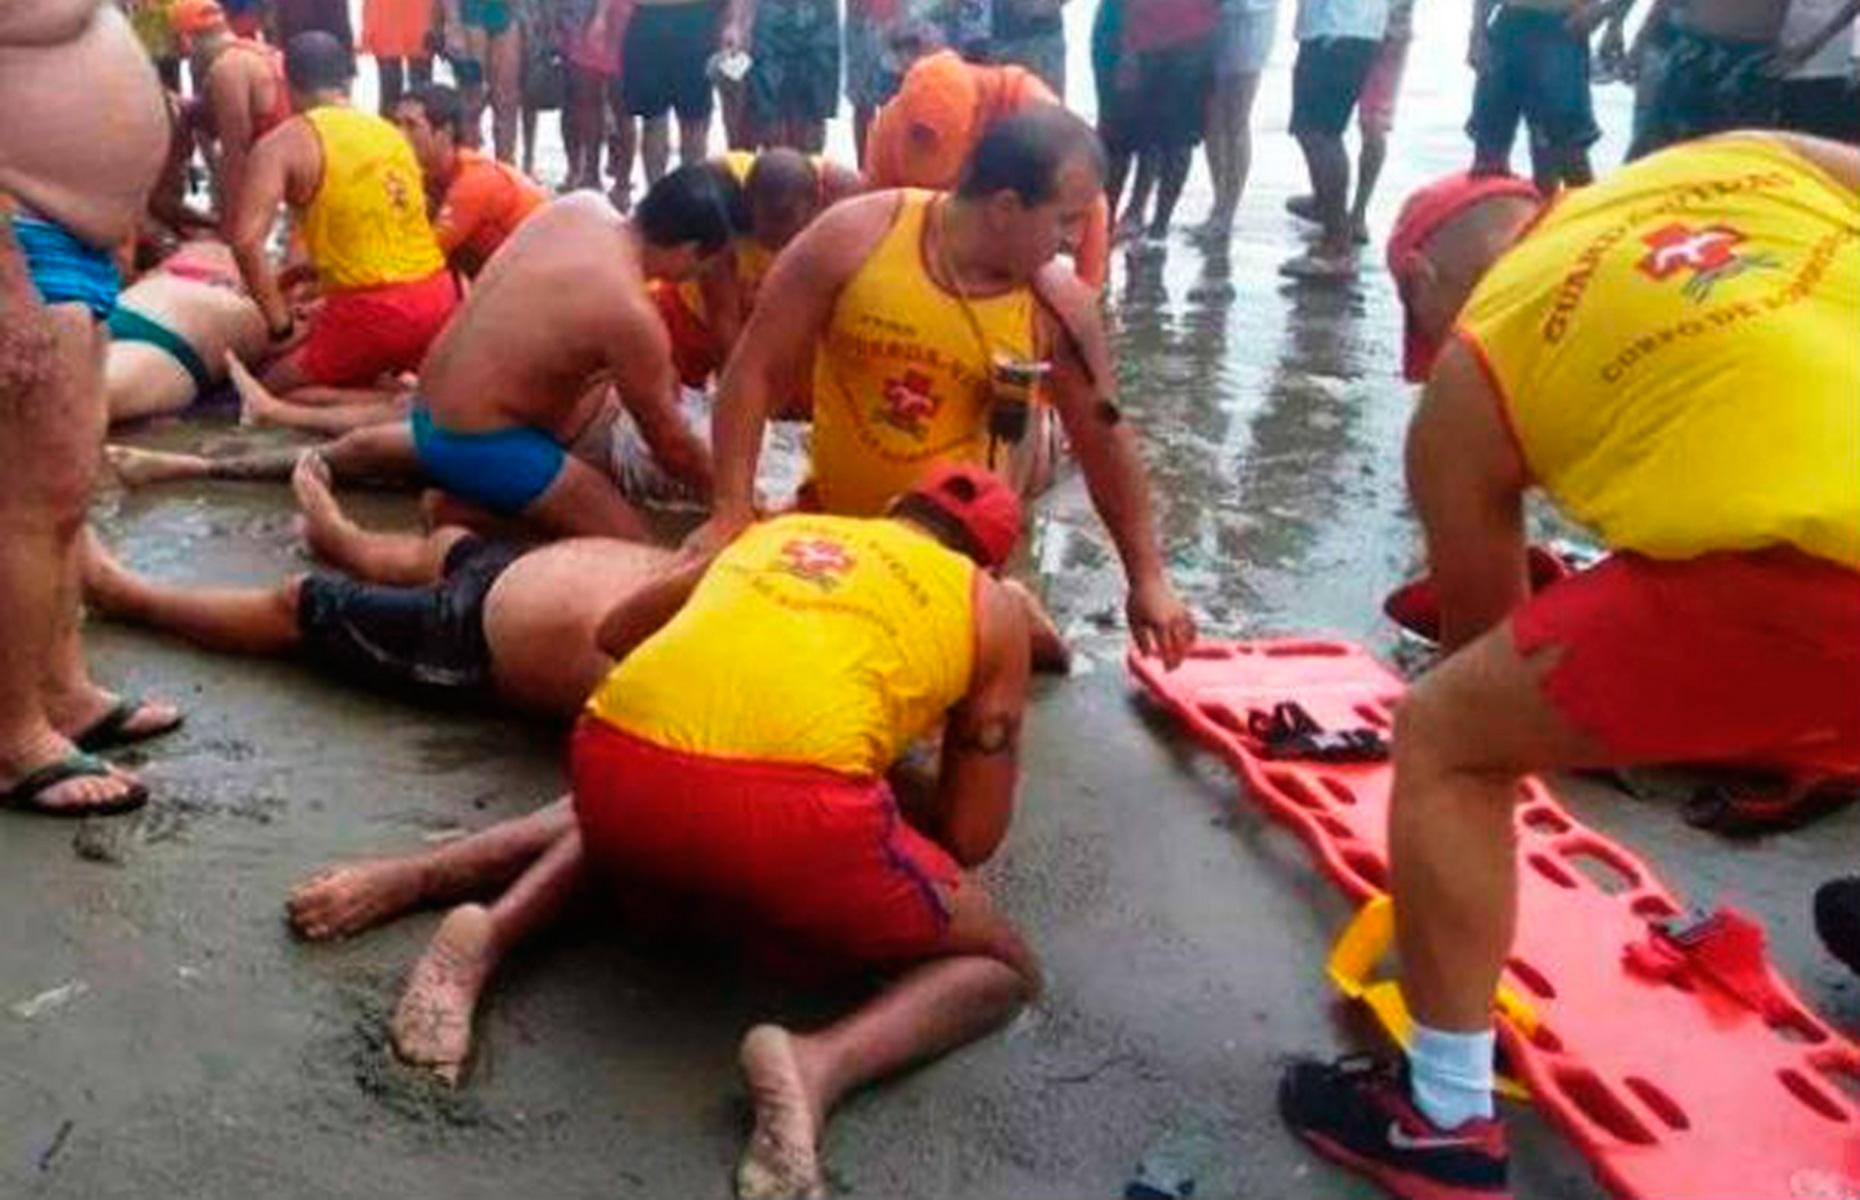 Entre as vítimas está uma grávida de cinco meses; descarga elétrica ocorreu na beira da praia, enquanto pessoas se abrigavam da chuva.